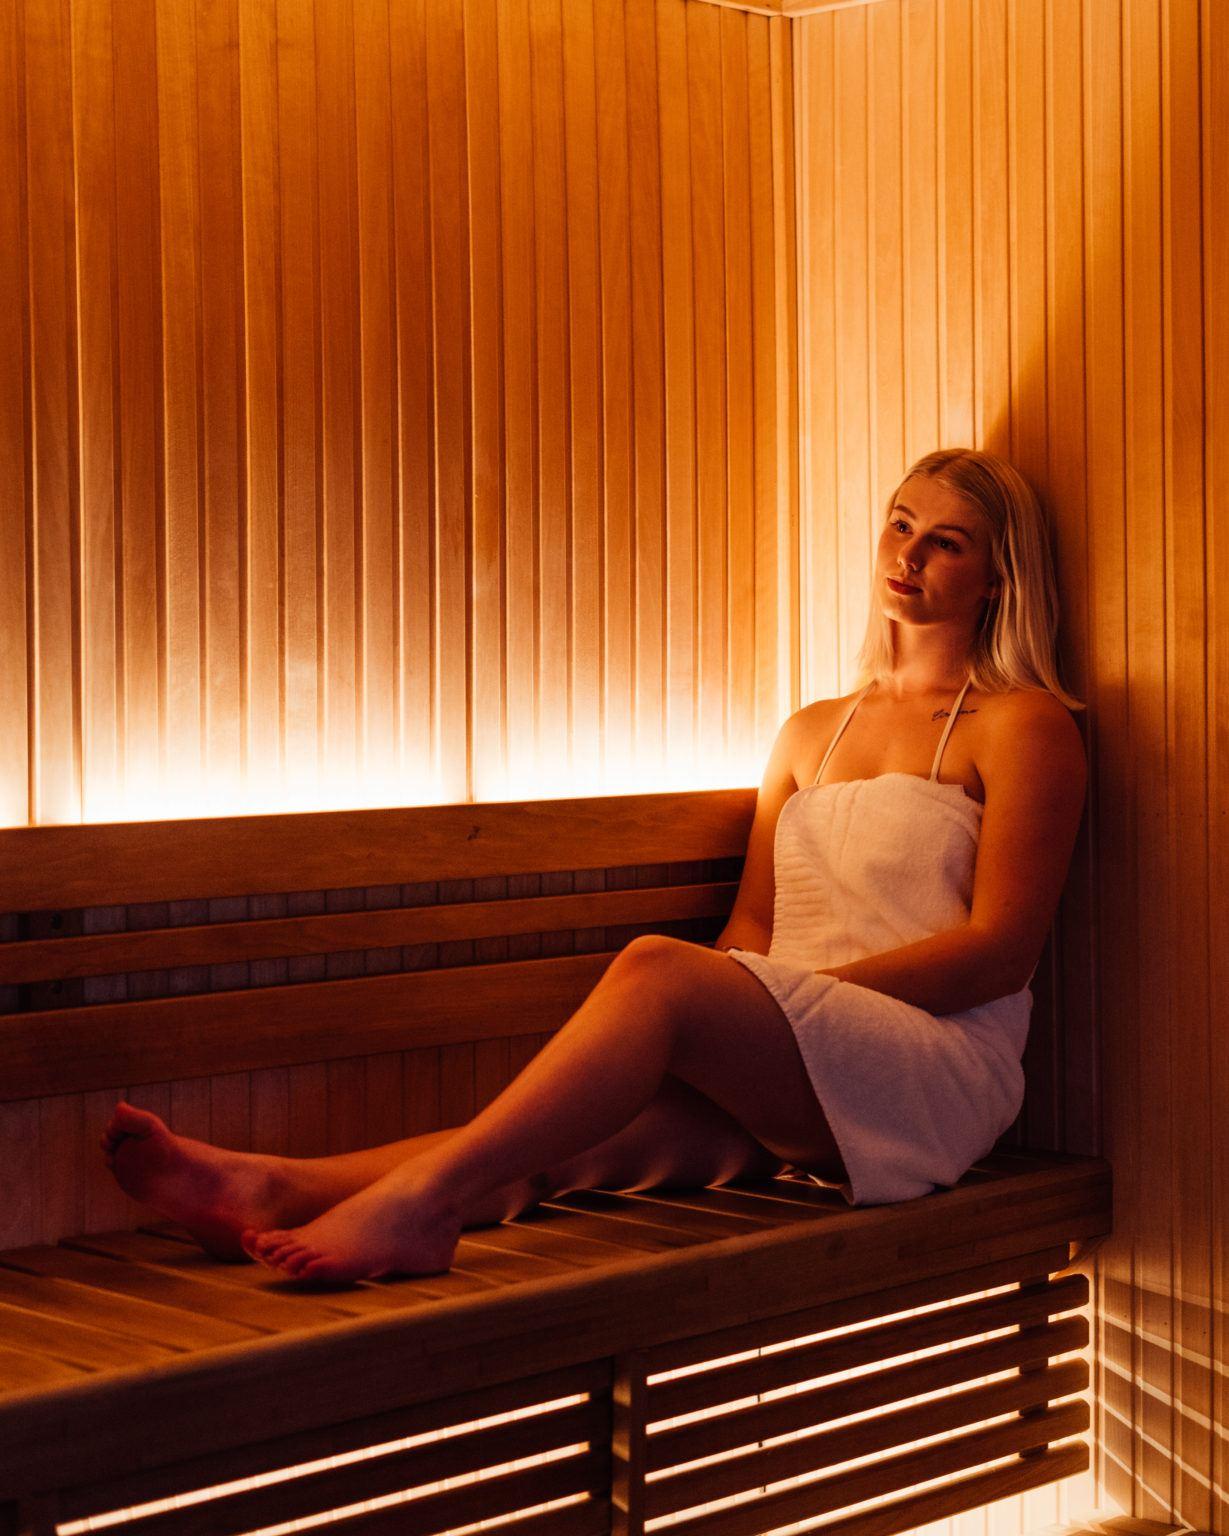 En kvinna sitter i handduk i en bastu med dämpad belysning